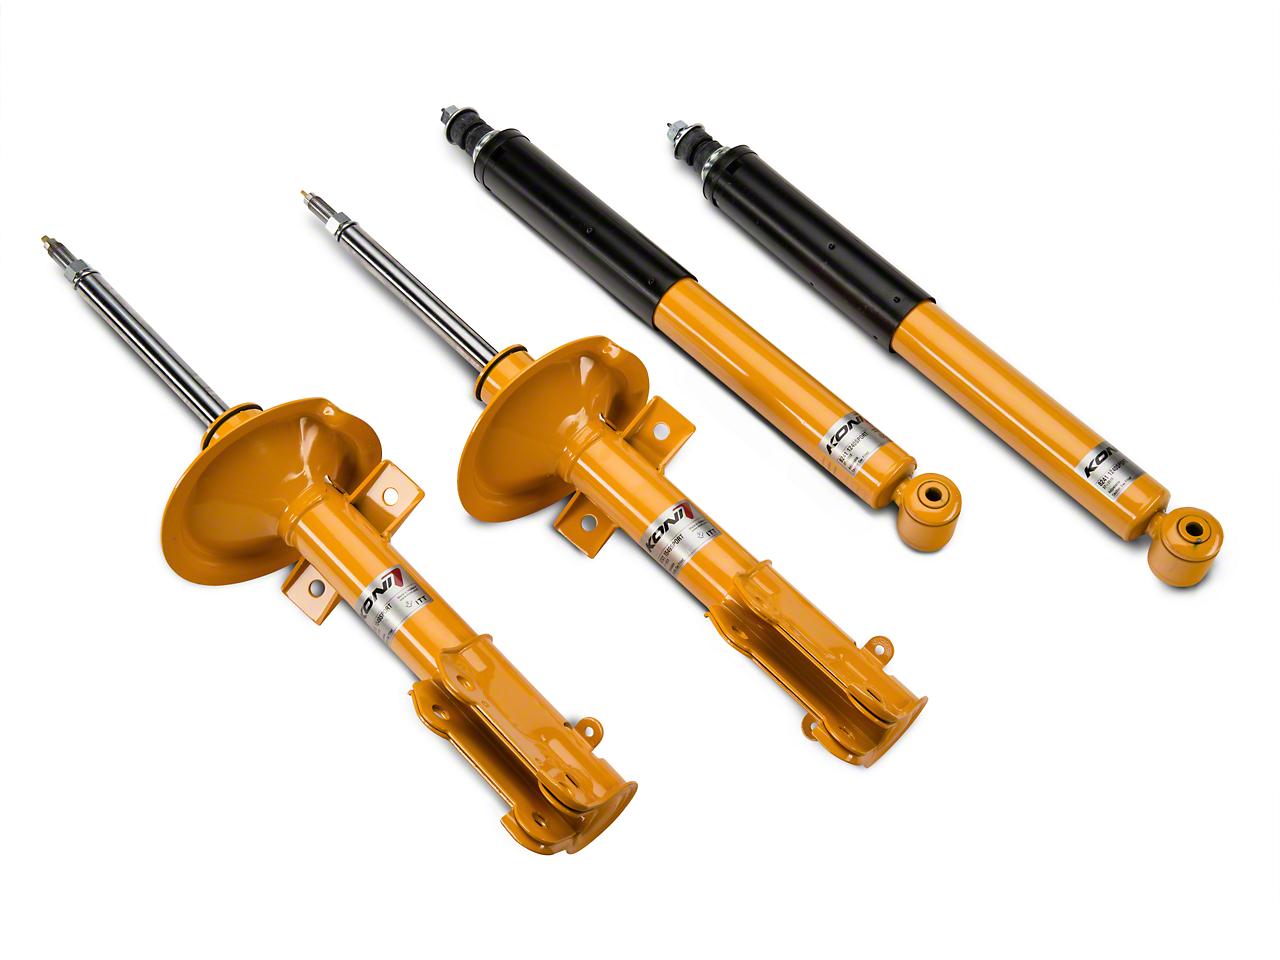 KONI Sport Adjustable Shock & Strut Kit (11-14 GT, V6)